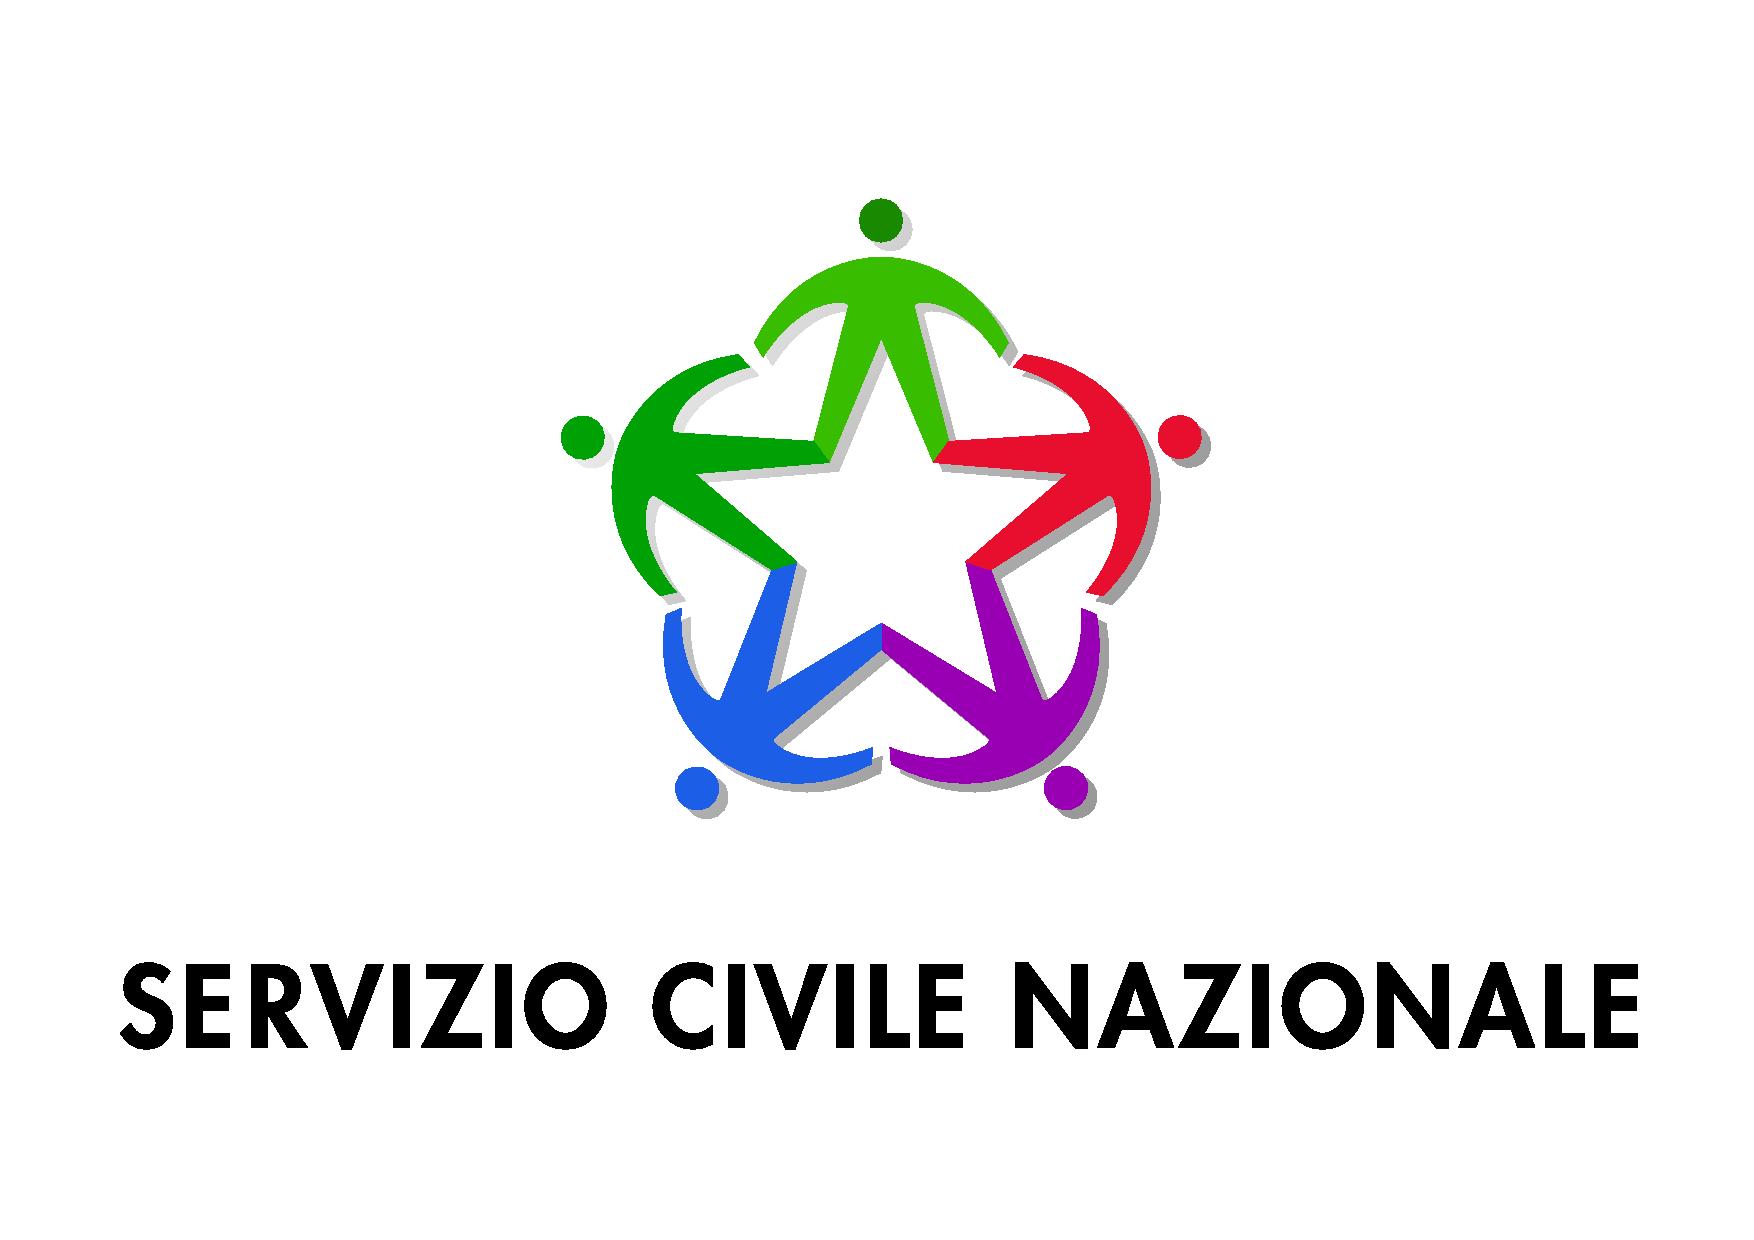 Servizo civile bando 2017